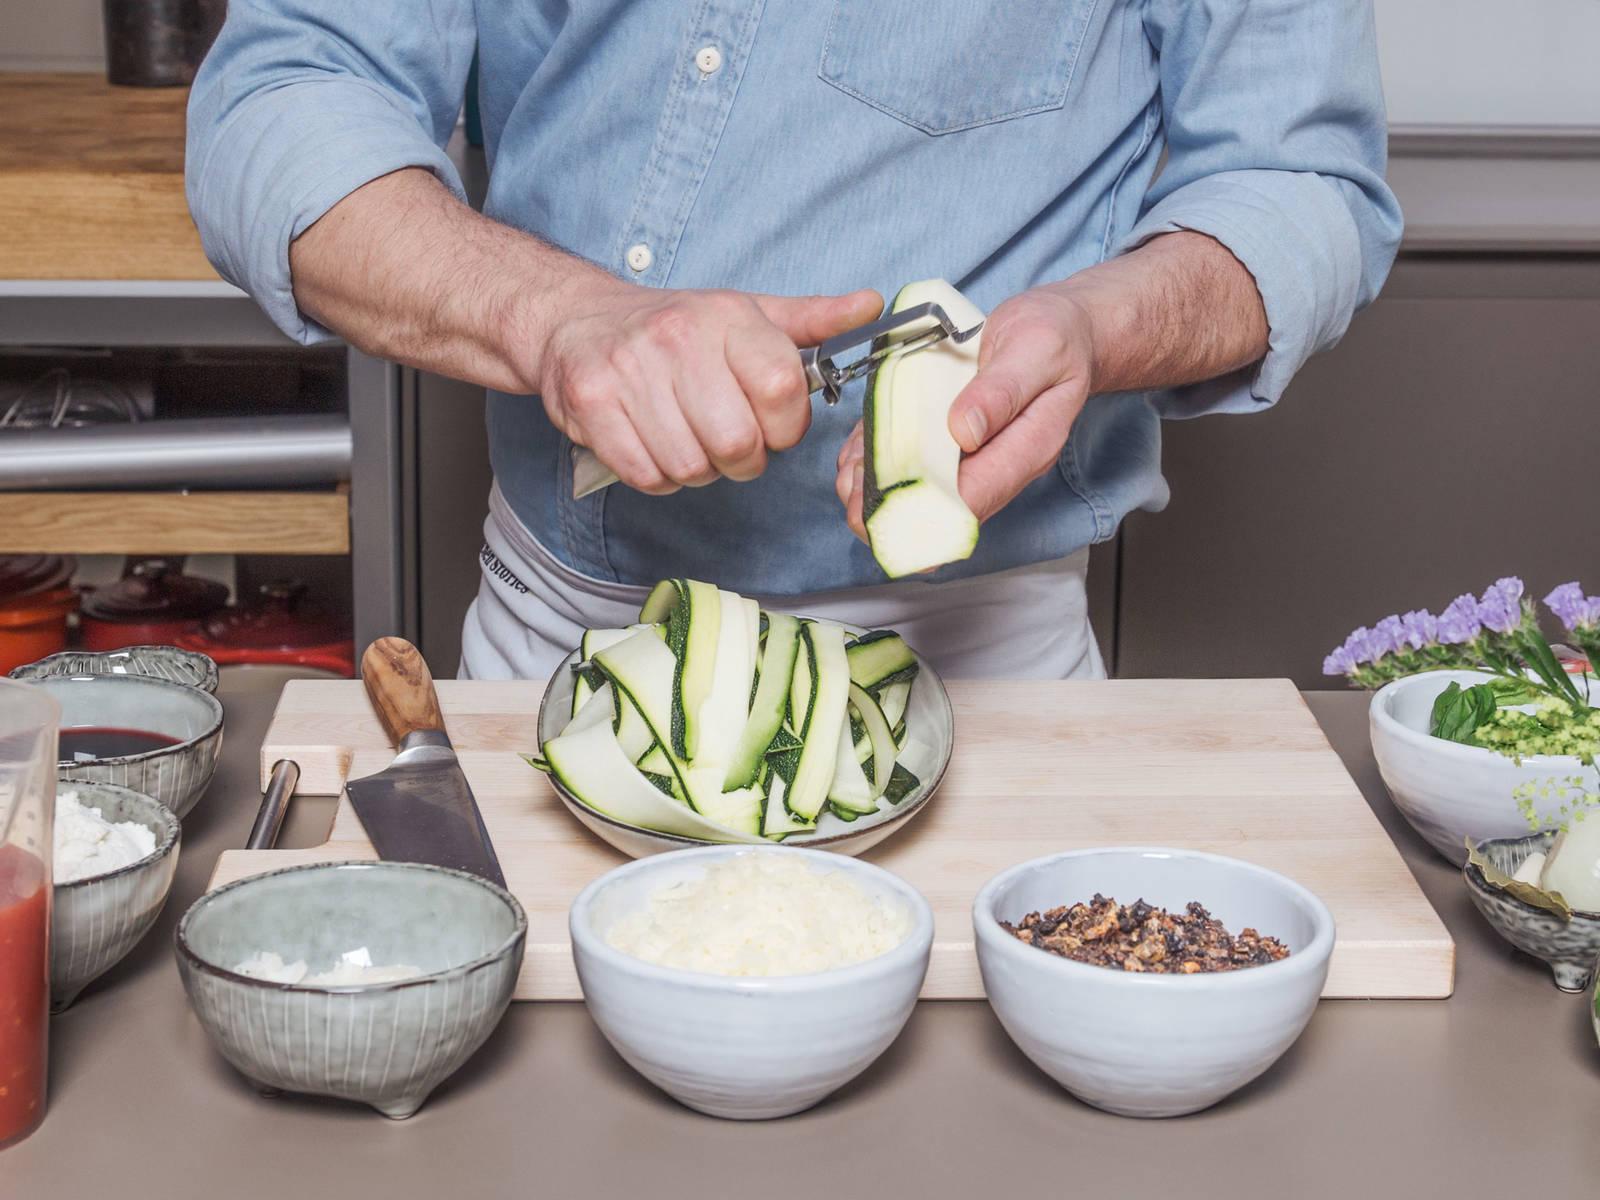 Zwiebel und Knoblauch schälen und fein hacken. Getrocknete Tomaten klein schneiden. Zucchini der Länge nach in dünne Scheiben schälen.